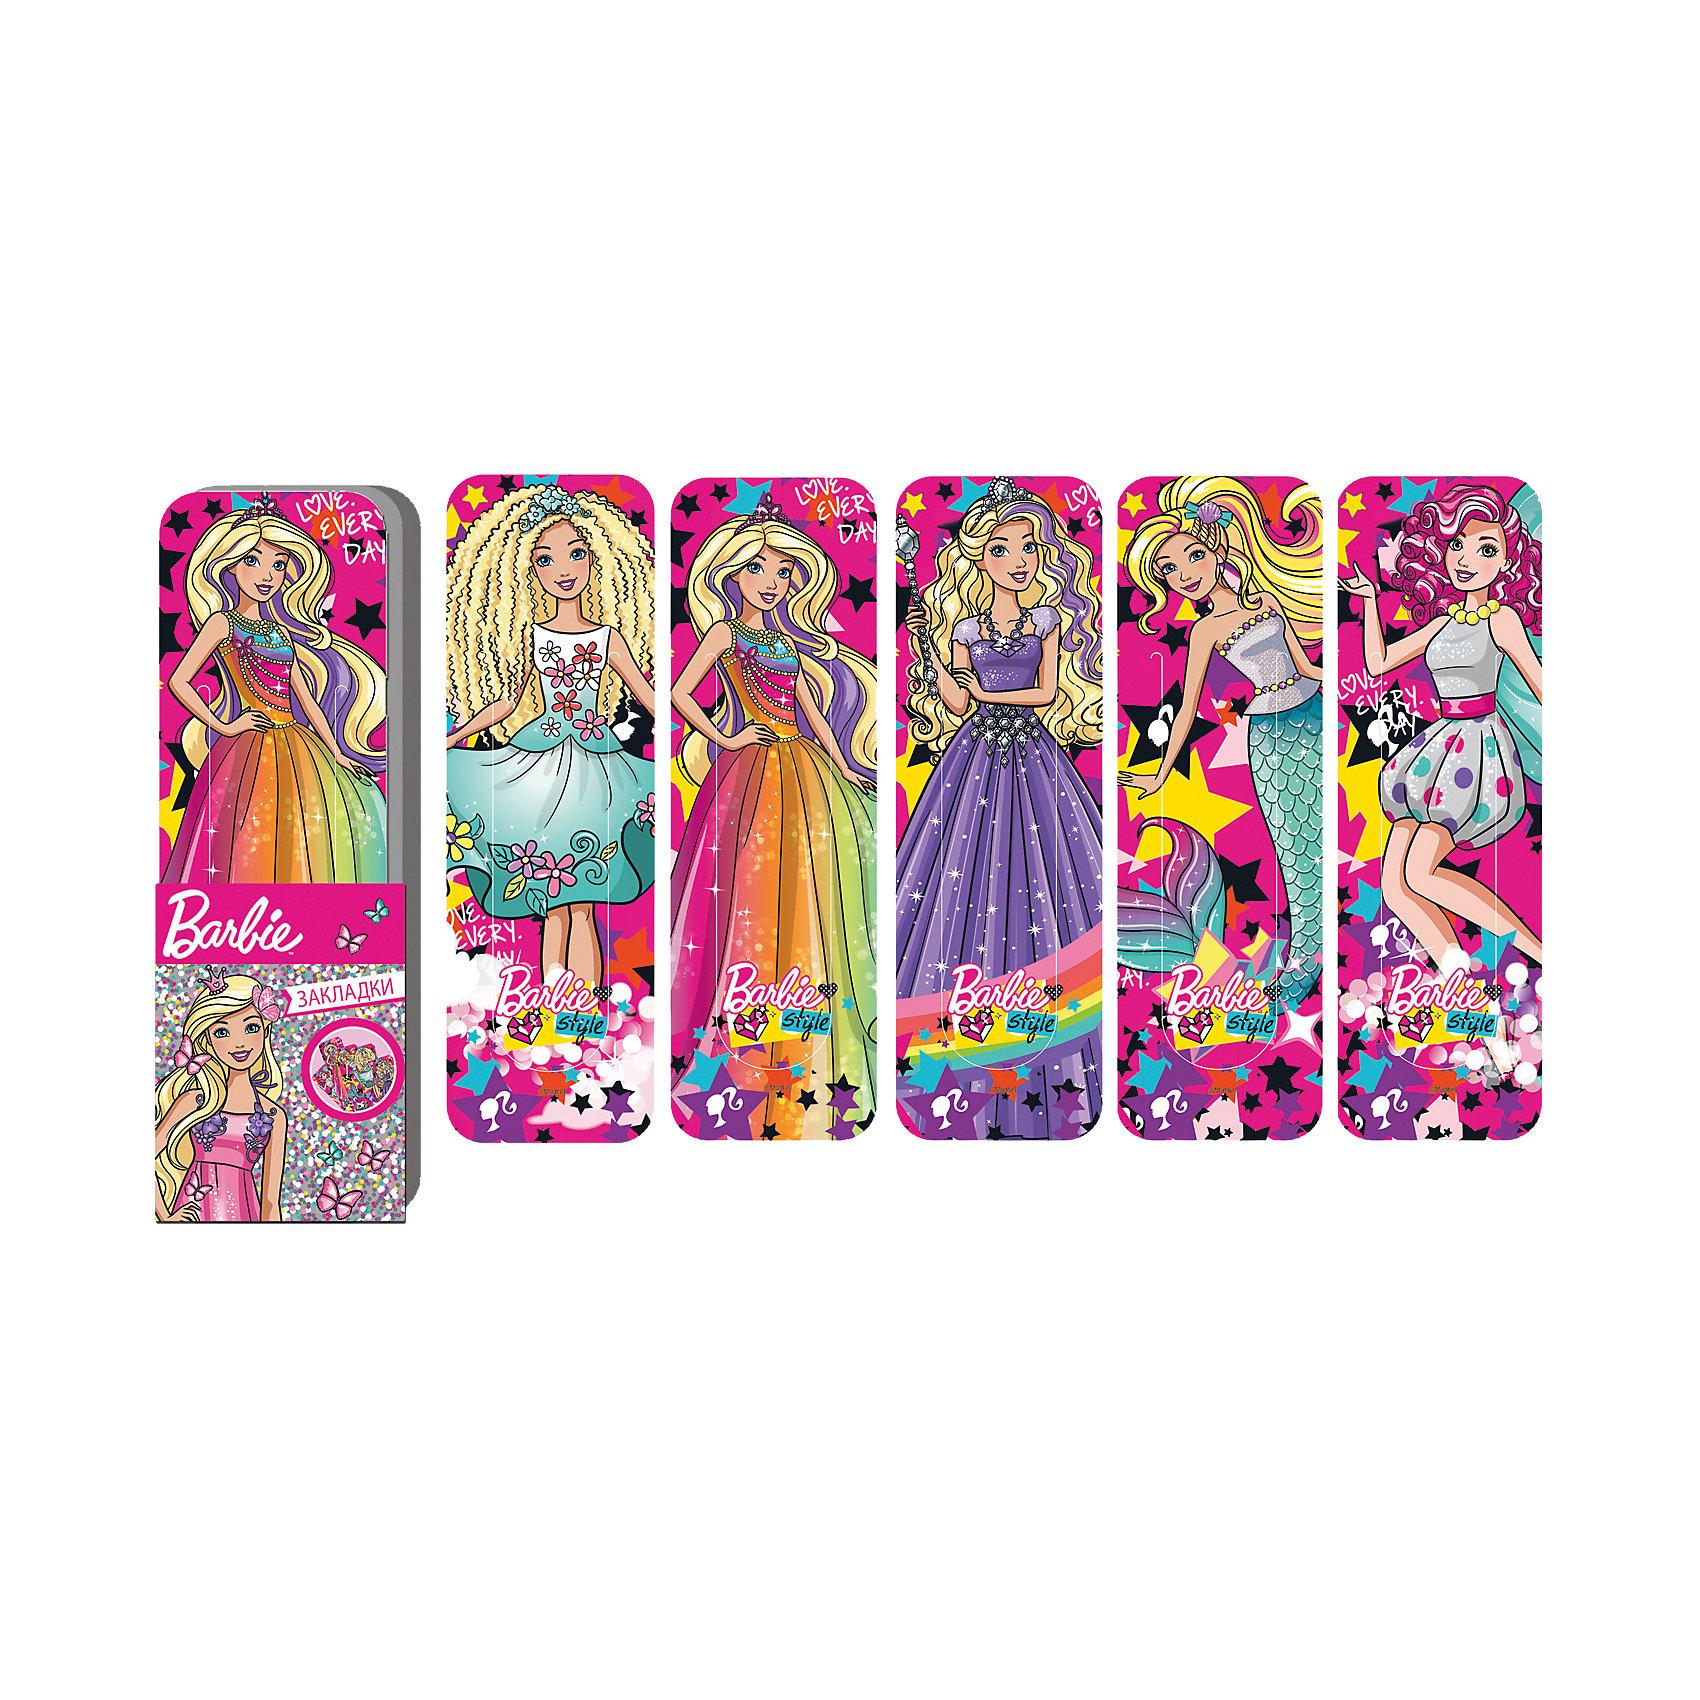 Набор закладок фигурных Barbie, 5 шт., LimpopoBarbie<br>Набор из 5 пластиковых закладок. Резная интересная форма закладок. Есть дополнительный фиксатор страницы. Верхнюю часть закладки ( сам дизайн) всегда видно.<br><br>Ширина мм: 190<br>Глубина мм: 600<br>Высота мм: 300<br>Вес г: 18<br>Возраст от месяцев: 36<br>Возраст до месяцев: 168<br>Пол: Женский<br>Возраст: Детский<br>SKU: 5528380